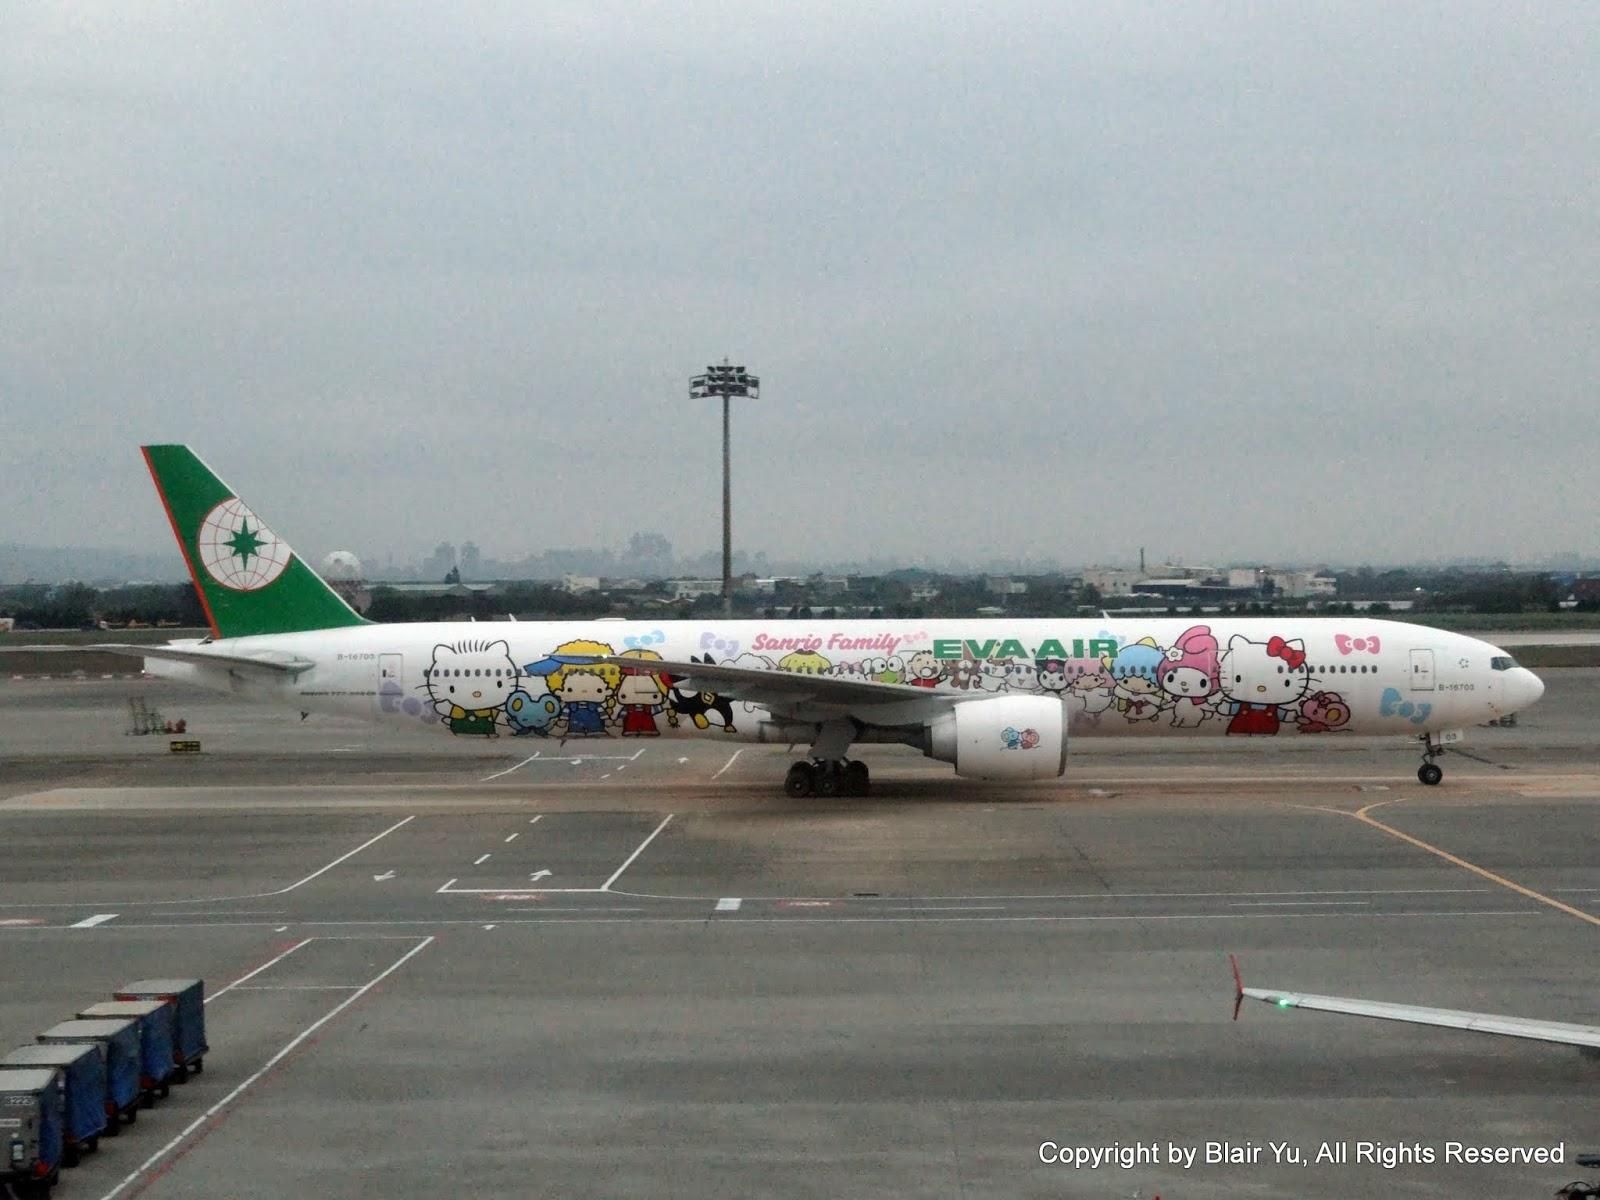 長榮航空 EVA AIR B-16703 777-300ER HELLO KITTY Sanrio Family Hand in Hand 牽手機